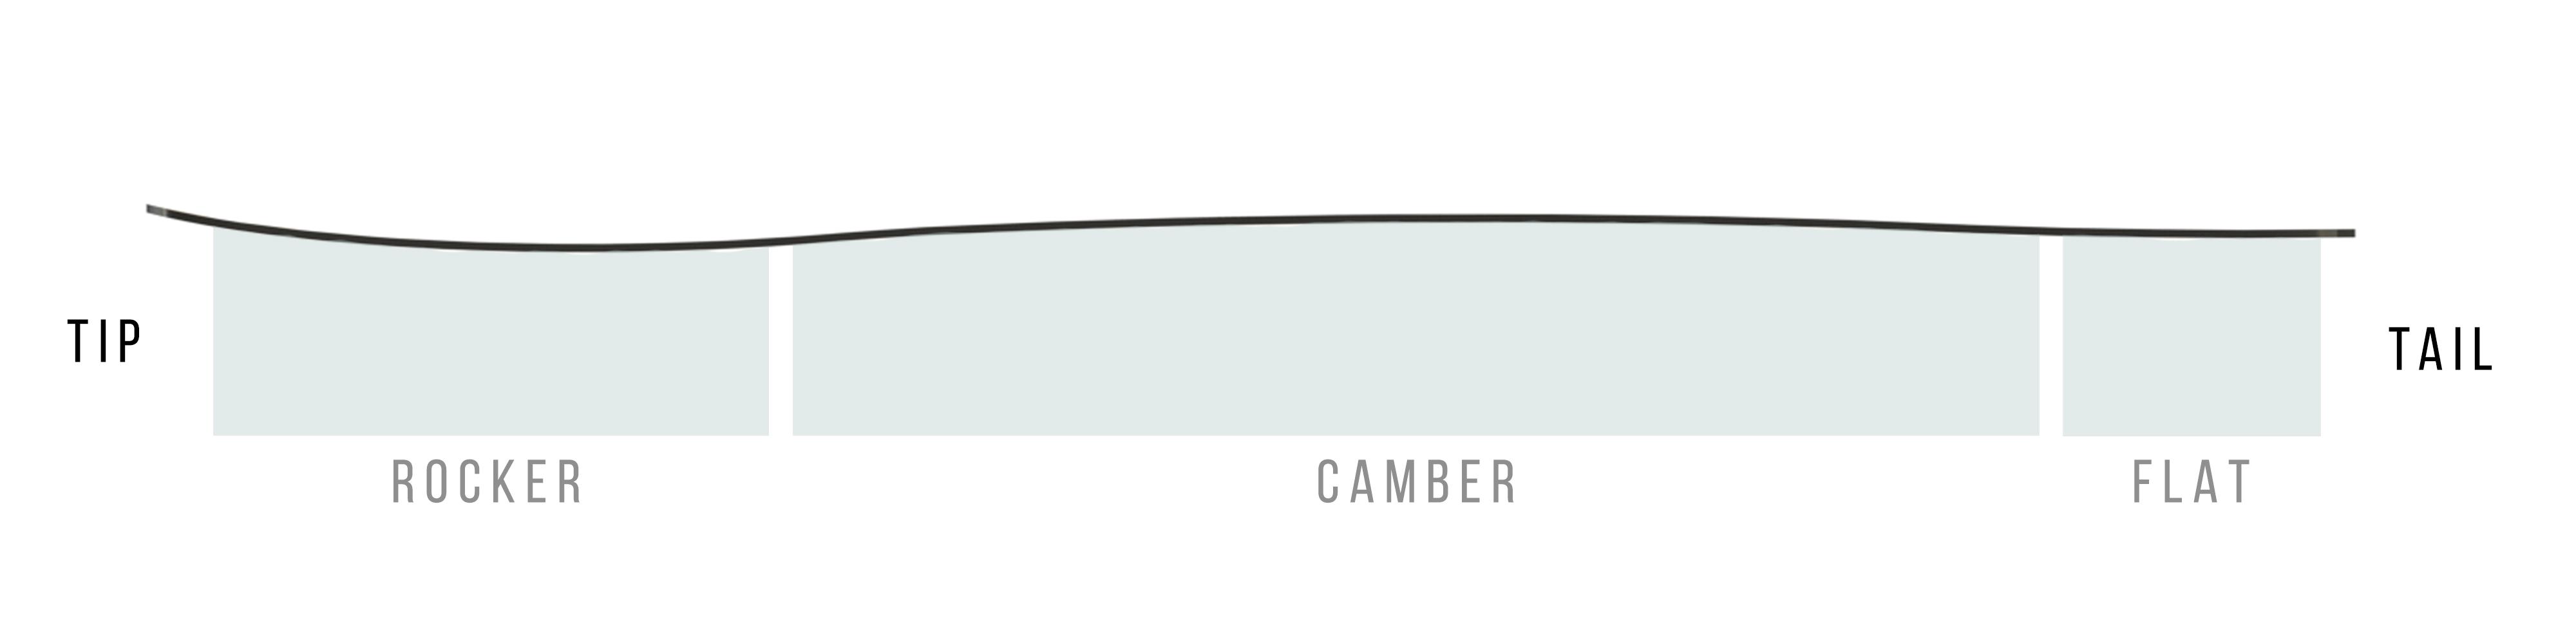 rocker_camber_flat_side